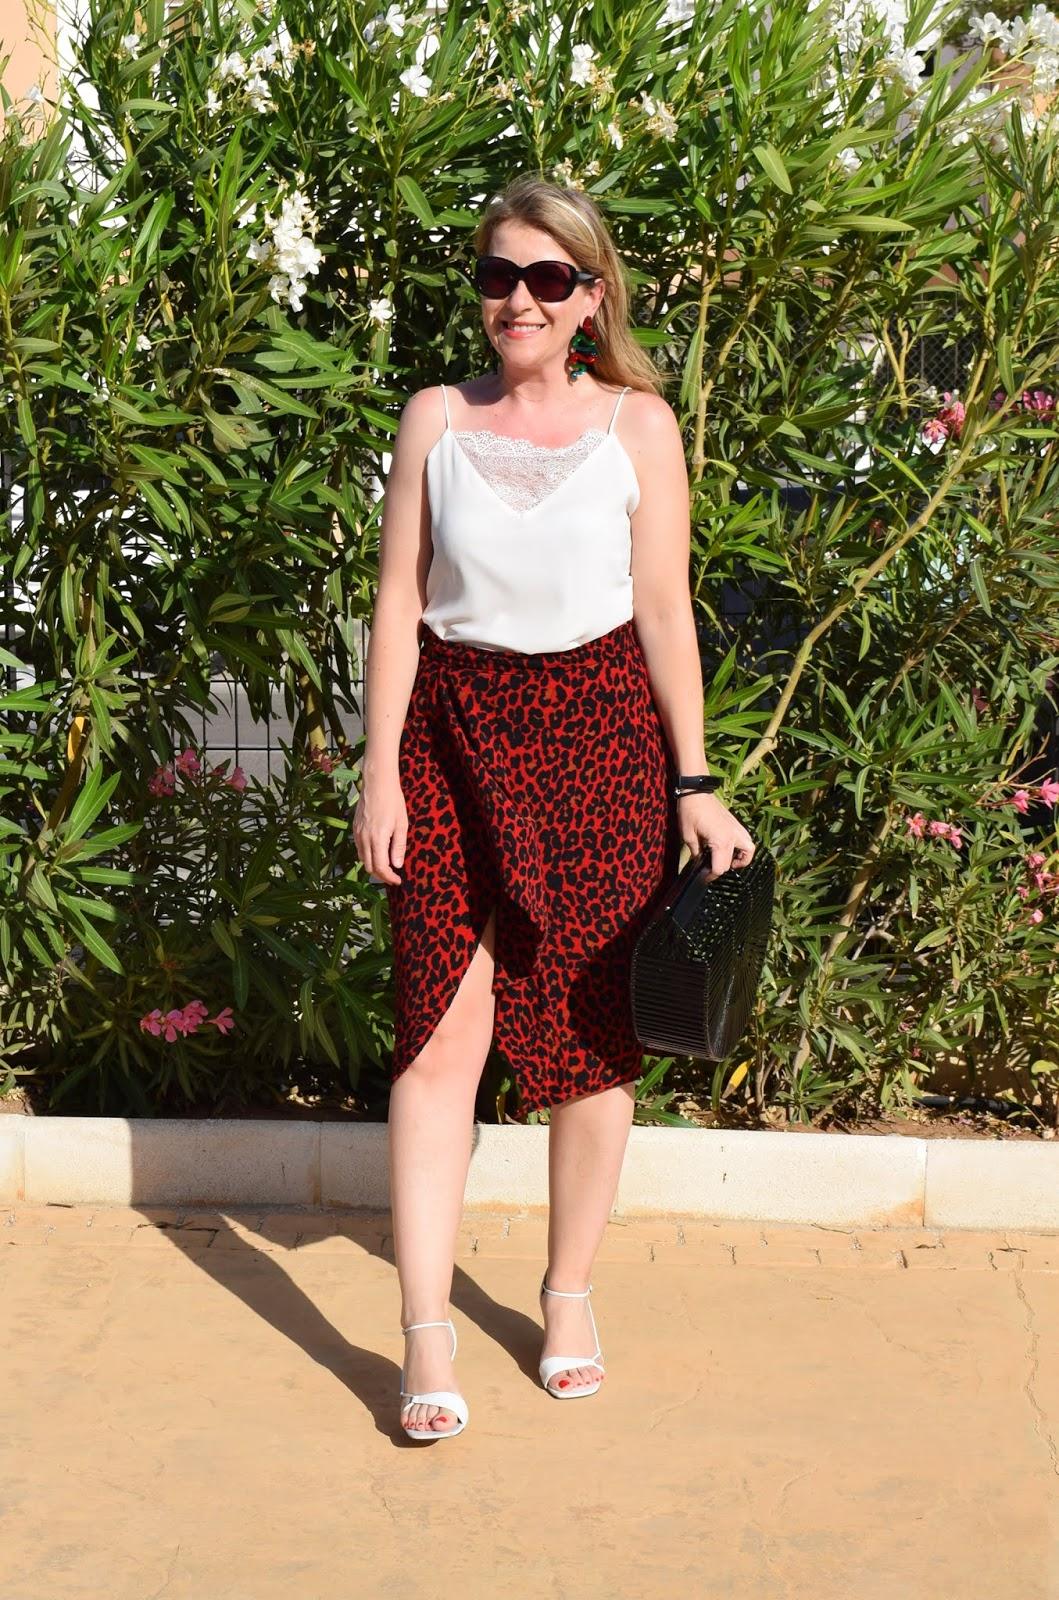 leo_red_skirt_in_summer